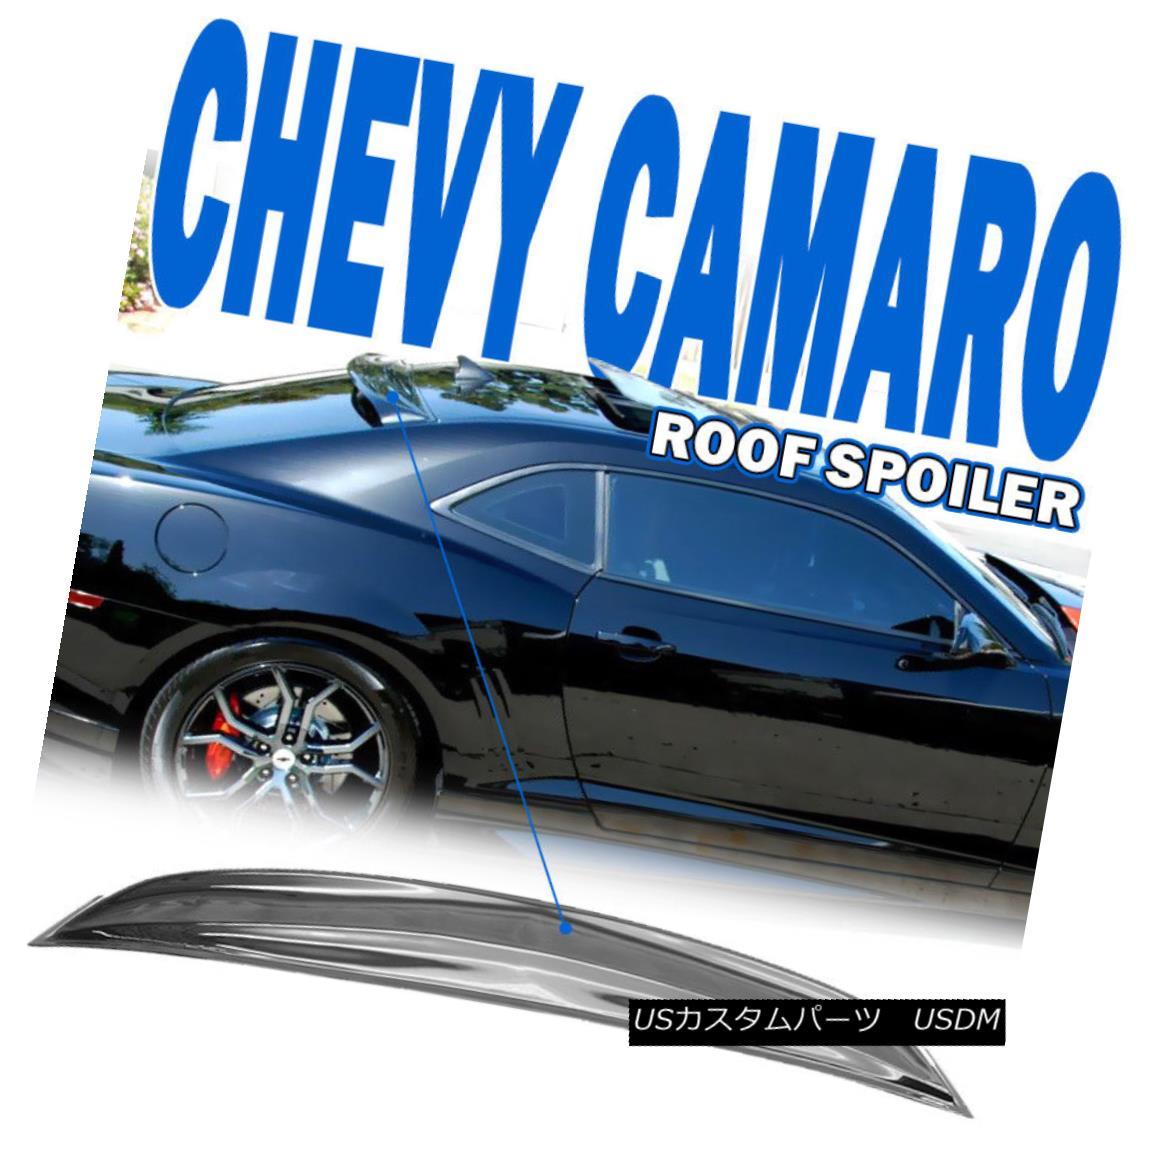 エアロパーツ For 10-16 Chevrolet Camaro Rear Roof Window Visor Spoiler Shade Deflector Vent 10-16シボレーカマロ用リアルーフウィンドウバイザースポイラーシェードデフレクターベント